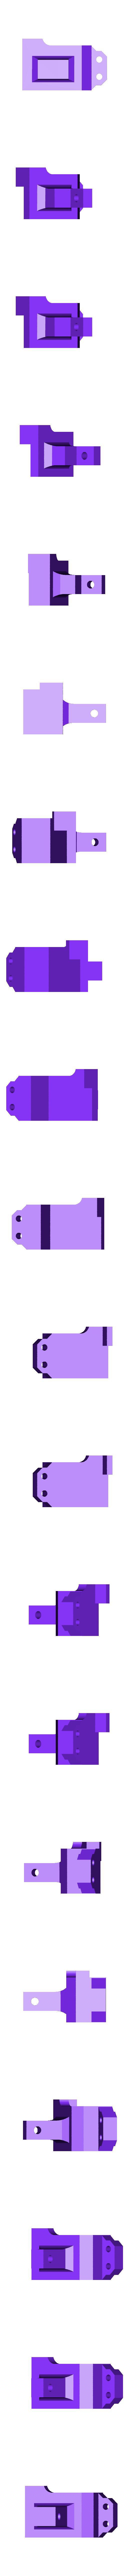 2_v2.stl Télécharger fichier STL gratuit XYZ DaVinci PRO Porte-bobine de surface XYZ DaVinci PRO • Objet pour impression 3D, indigo4